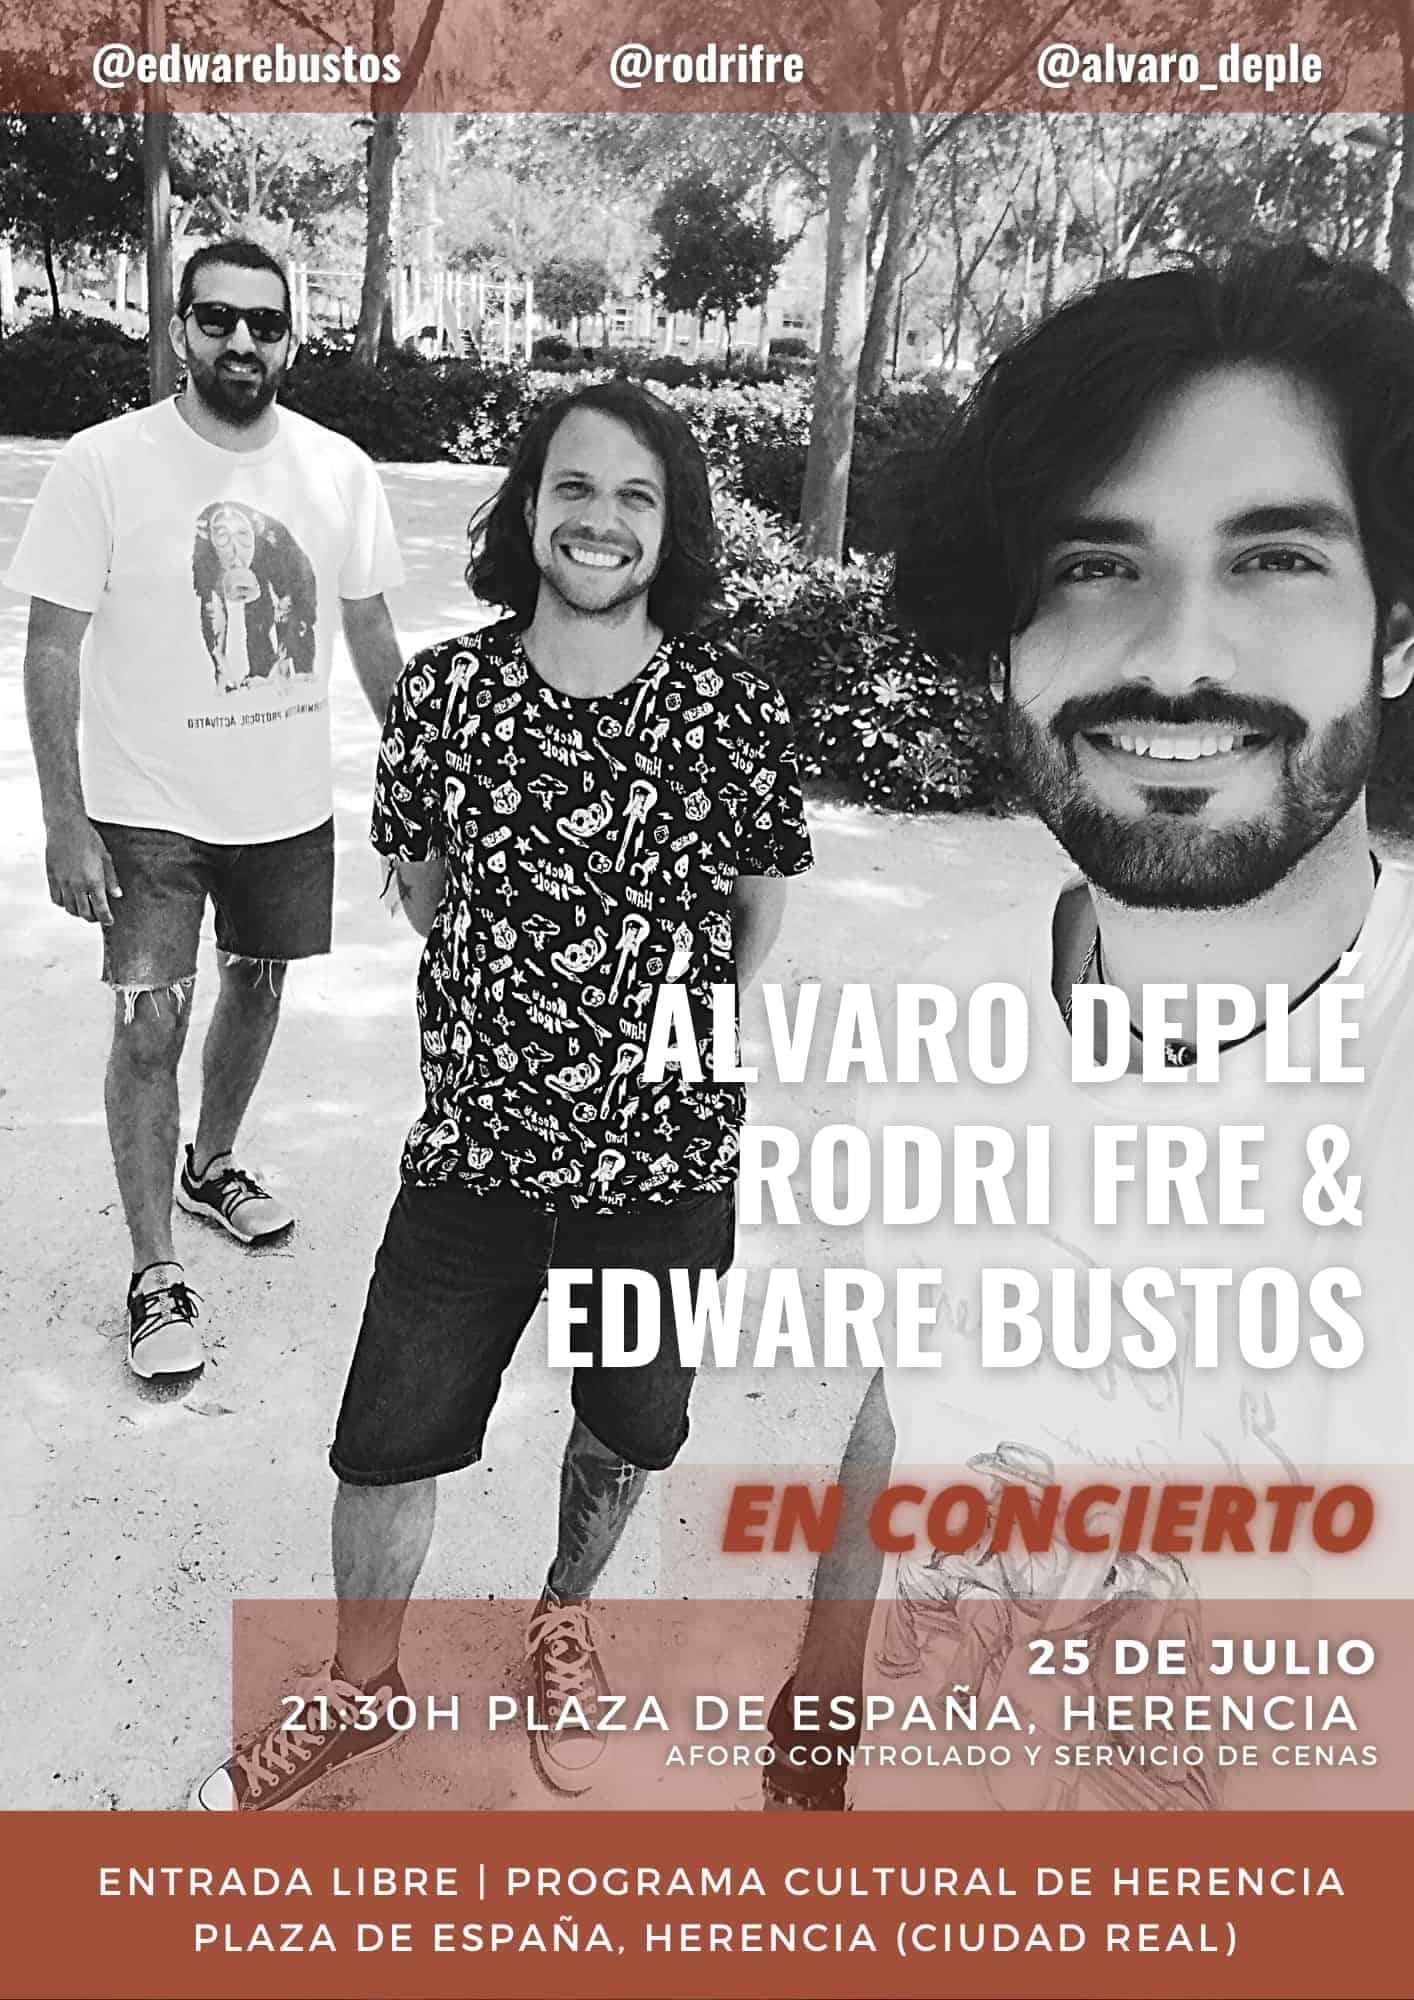 Concierto Álvaro Deplé, Rodri Fre y Edware Bustos el 25 de julio en Herencia 3